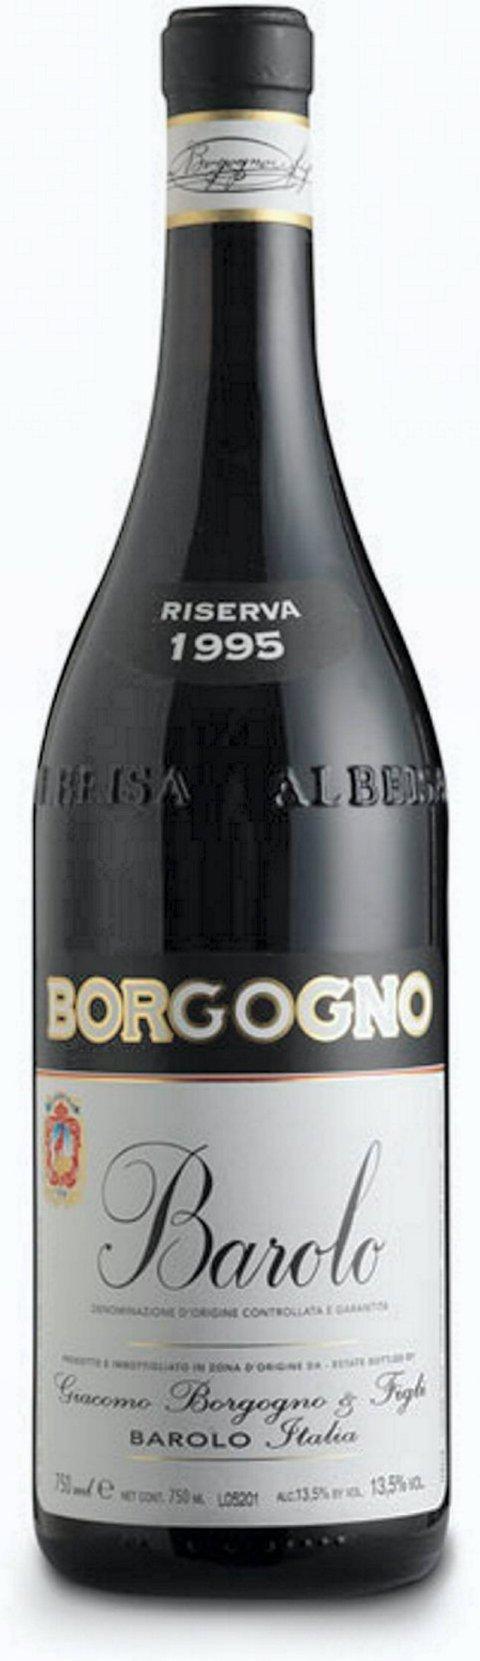 Borgnos Barolo Rødvin